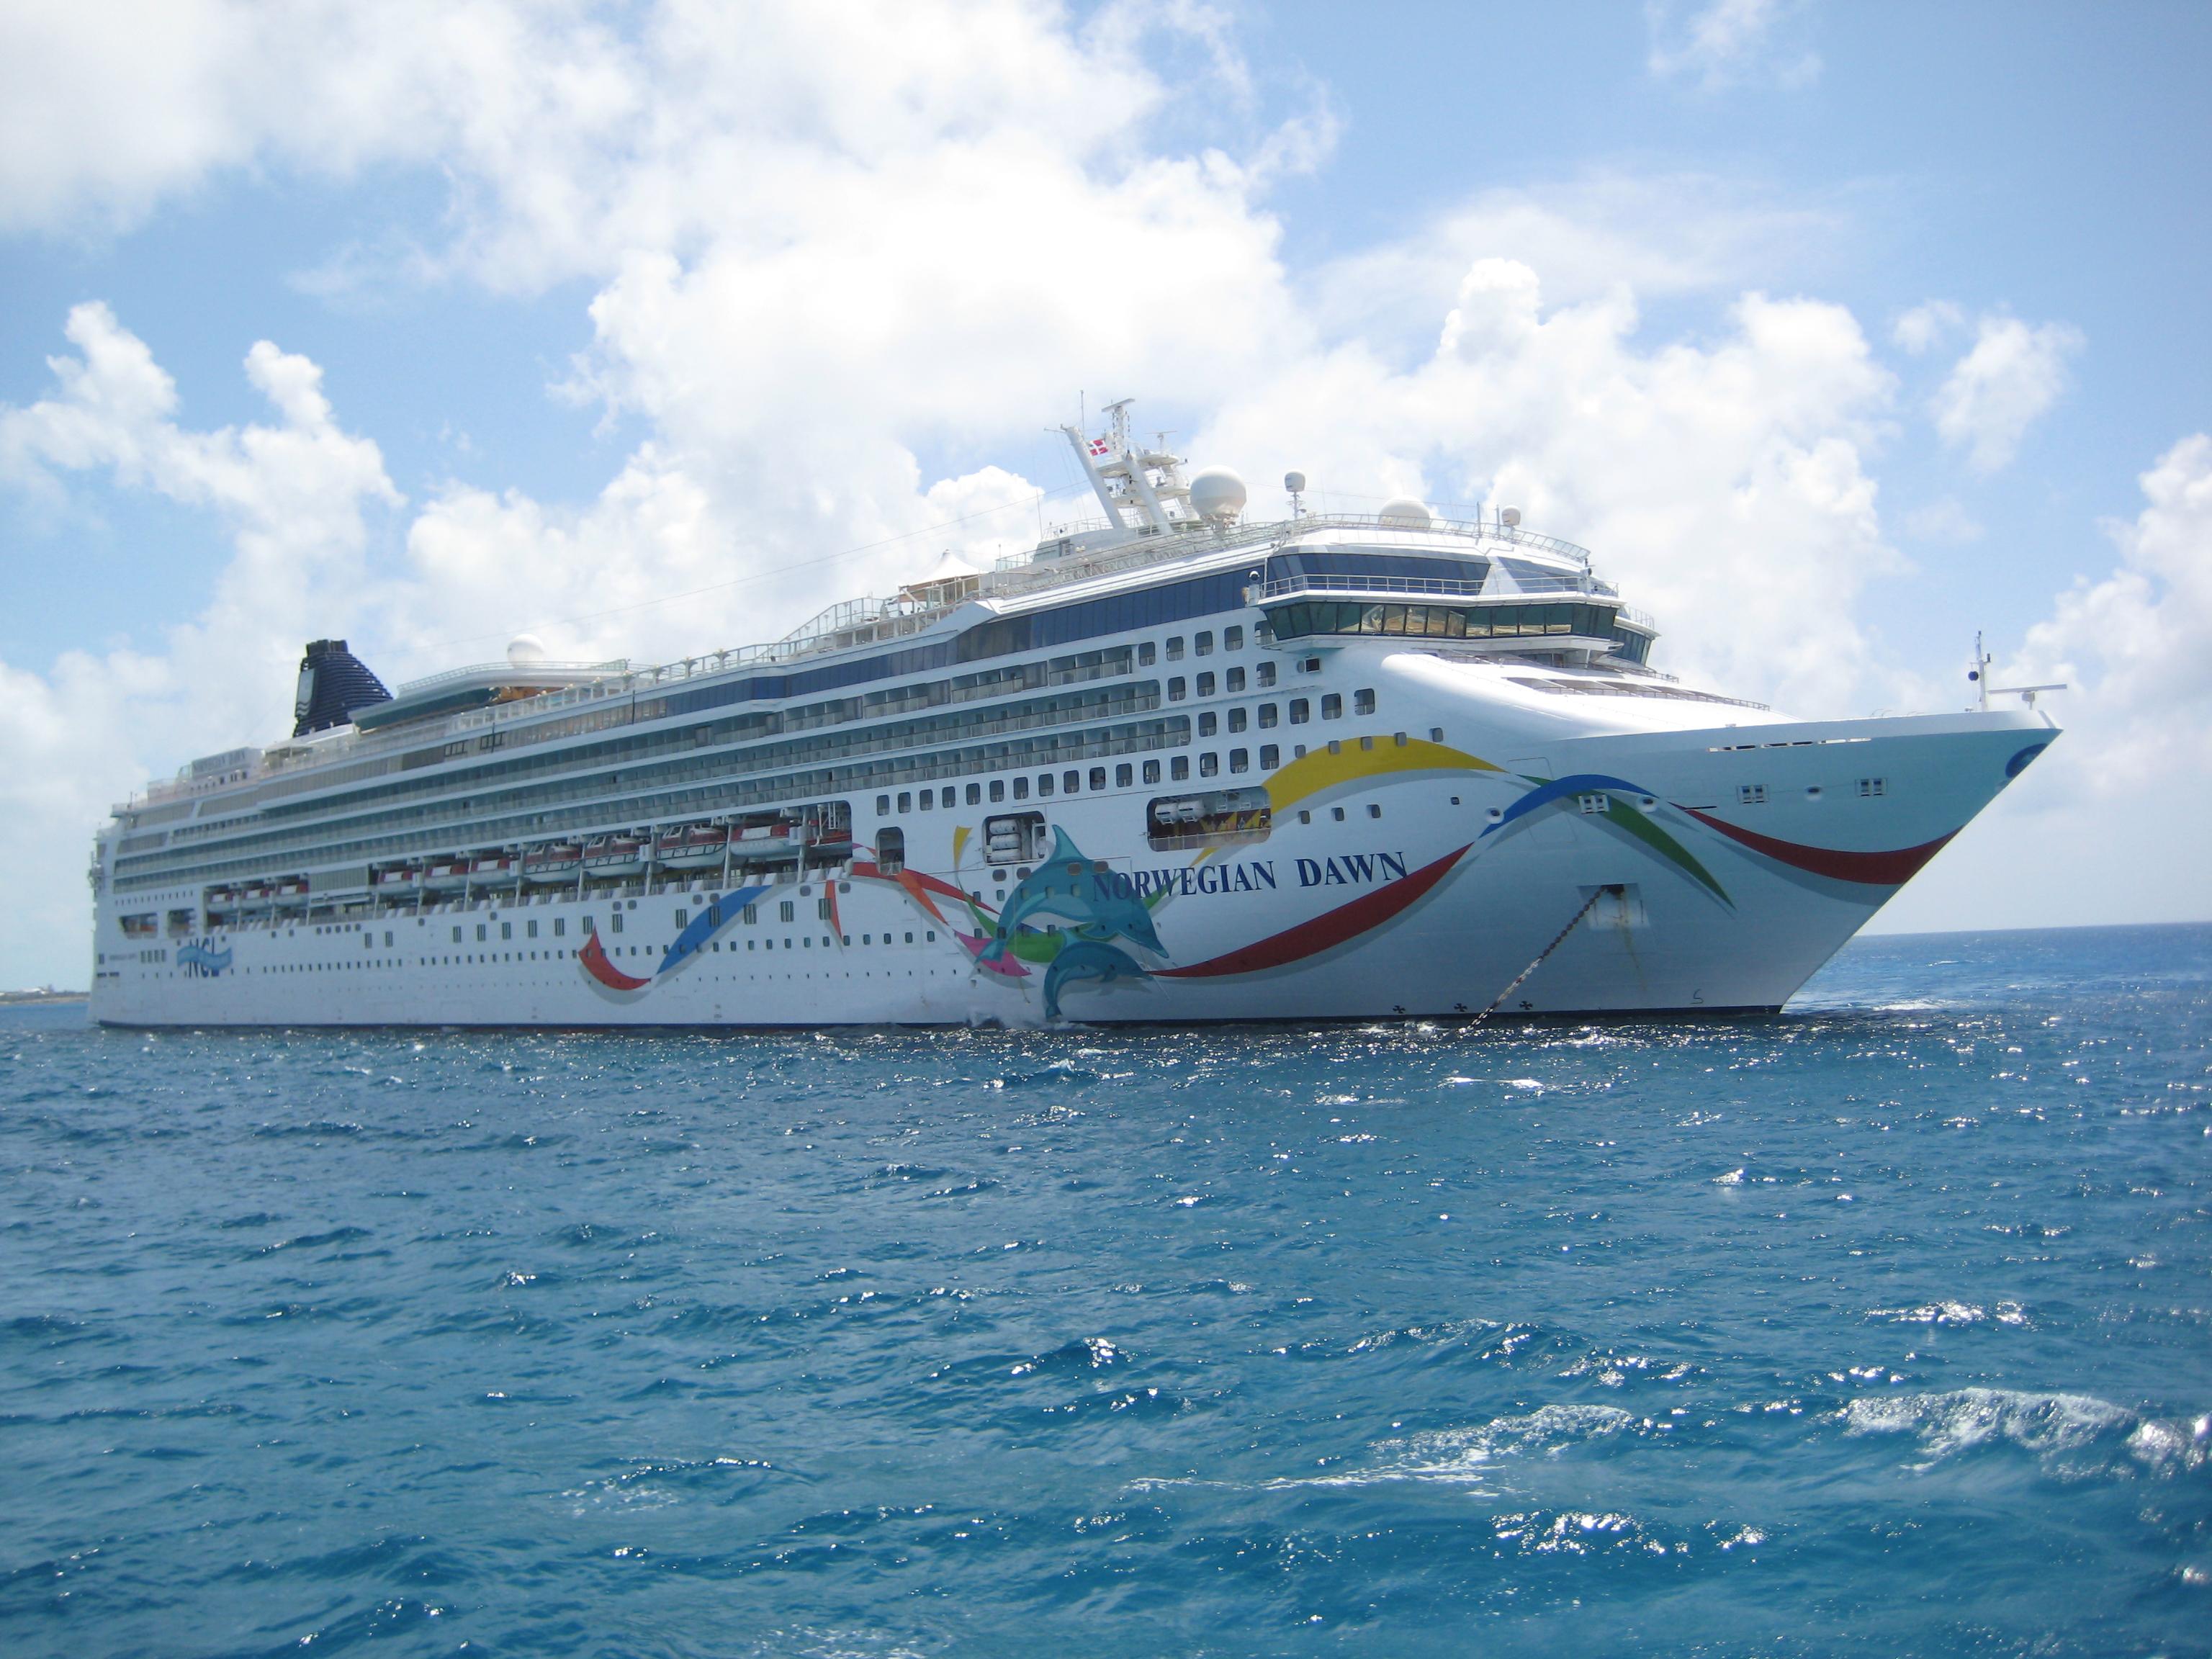 Night Bermuda With Norwegian Dawn Virikson Cruises - Cruises from boston to bermuda